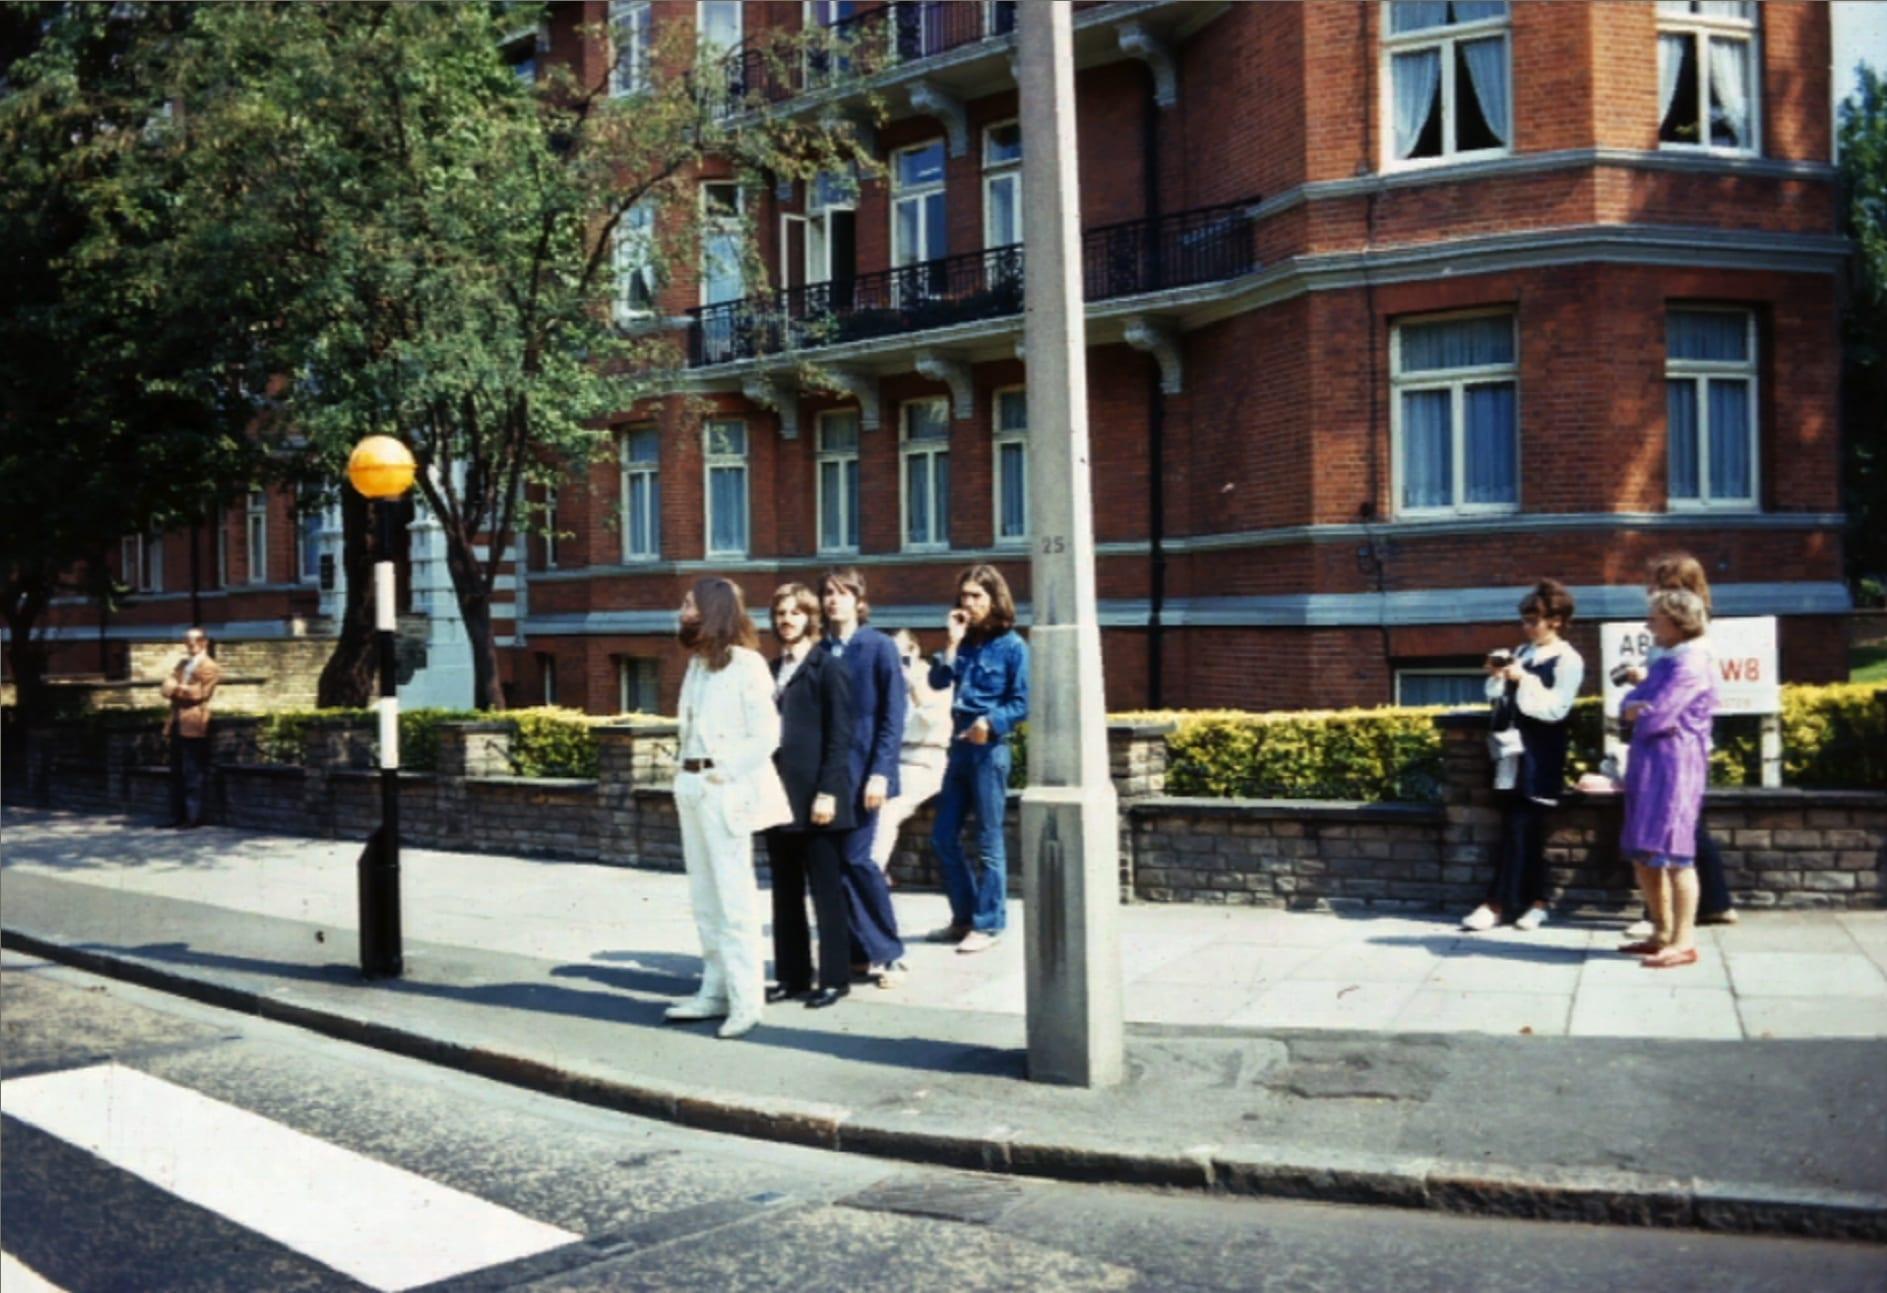 abbey road y los beatles esperando en el paso de cebra o paso peatonal